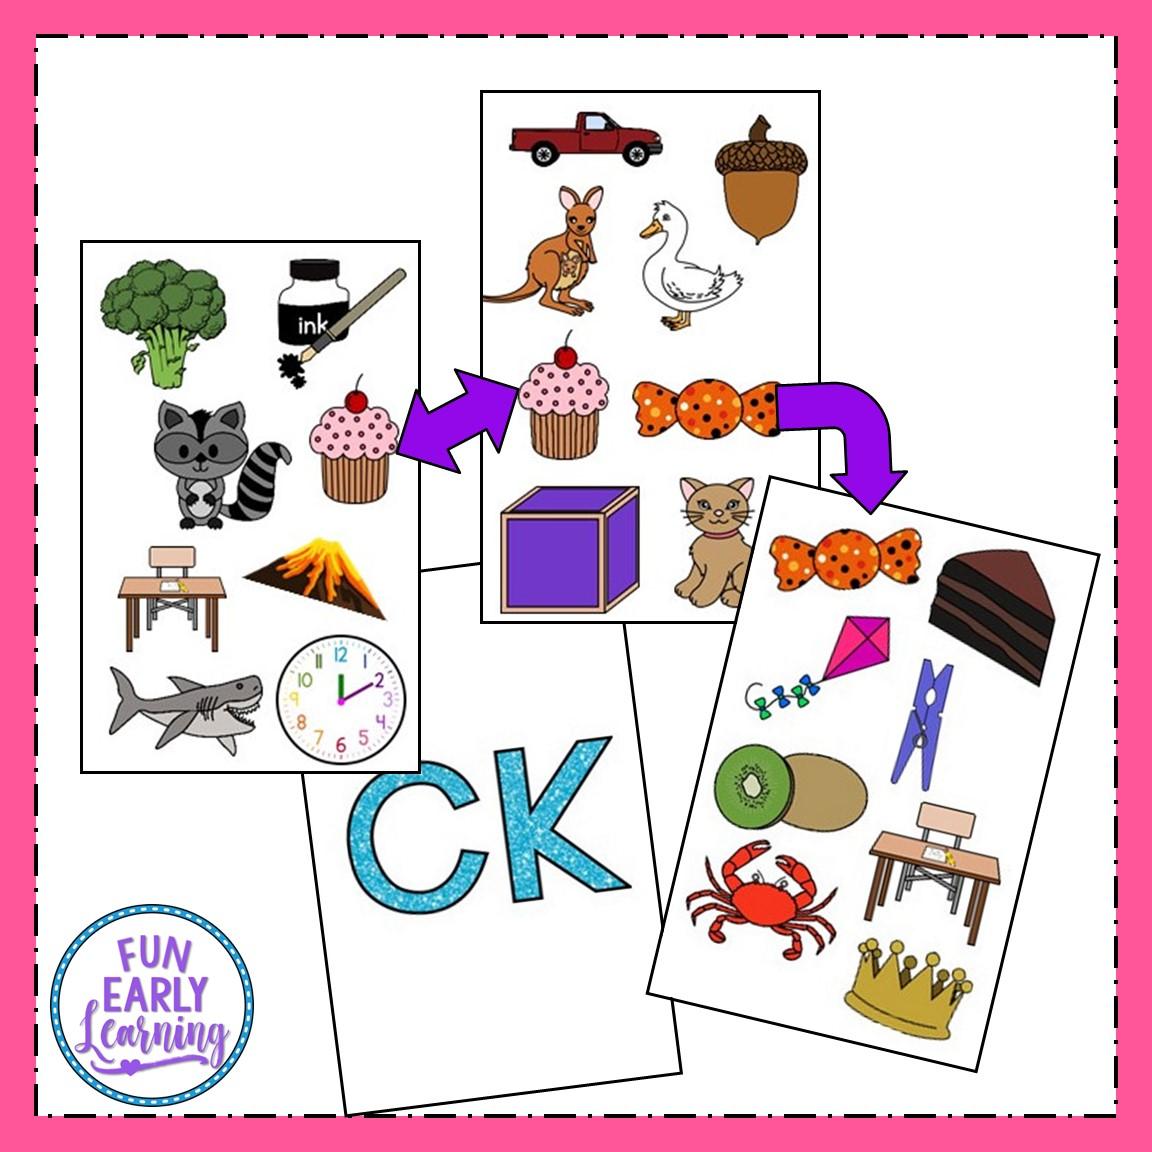 Matching Initial Sounds Preschool Worksheet